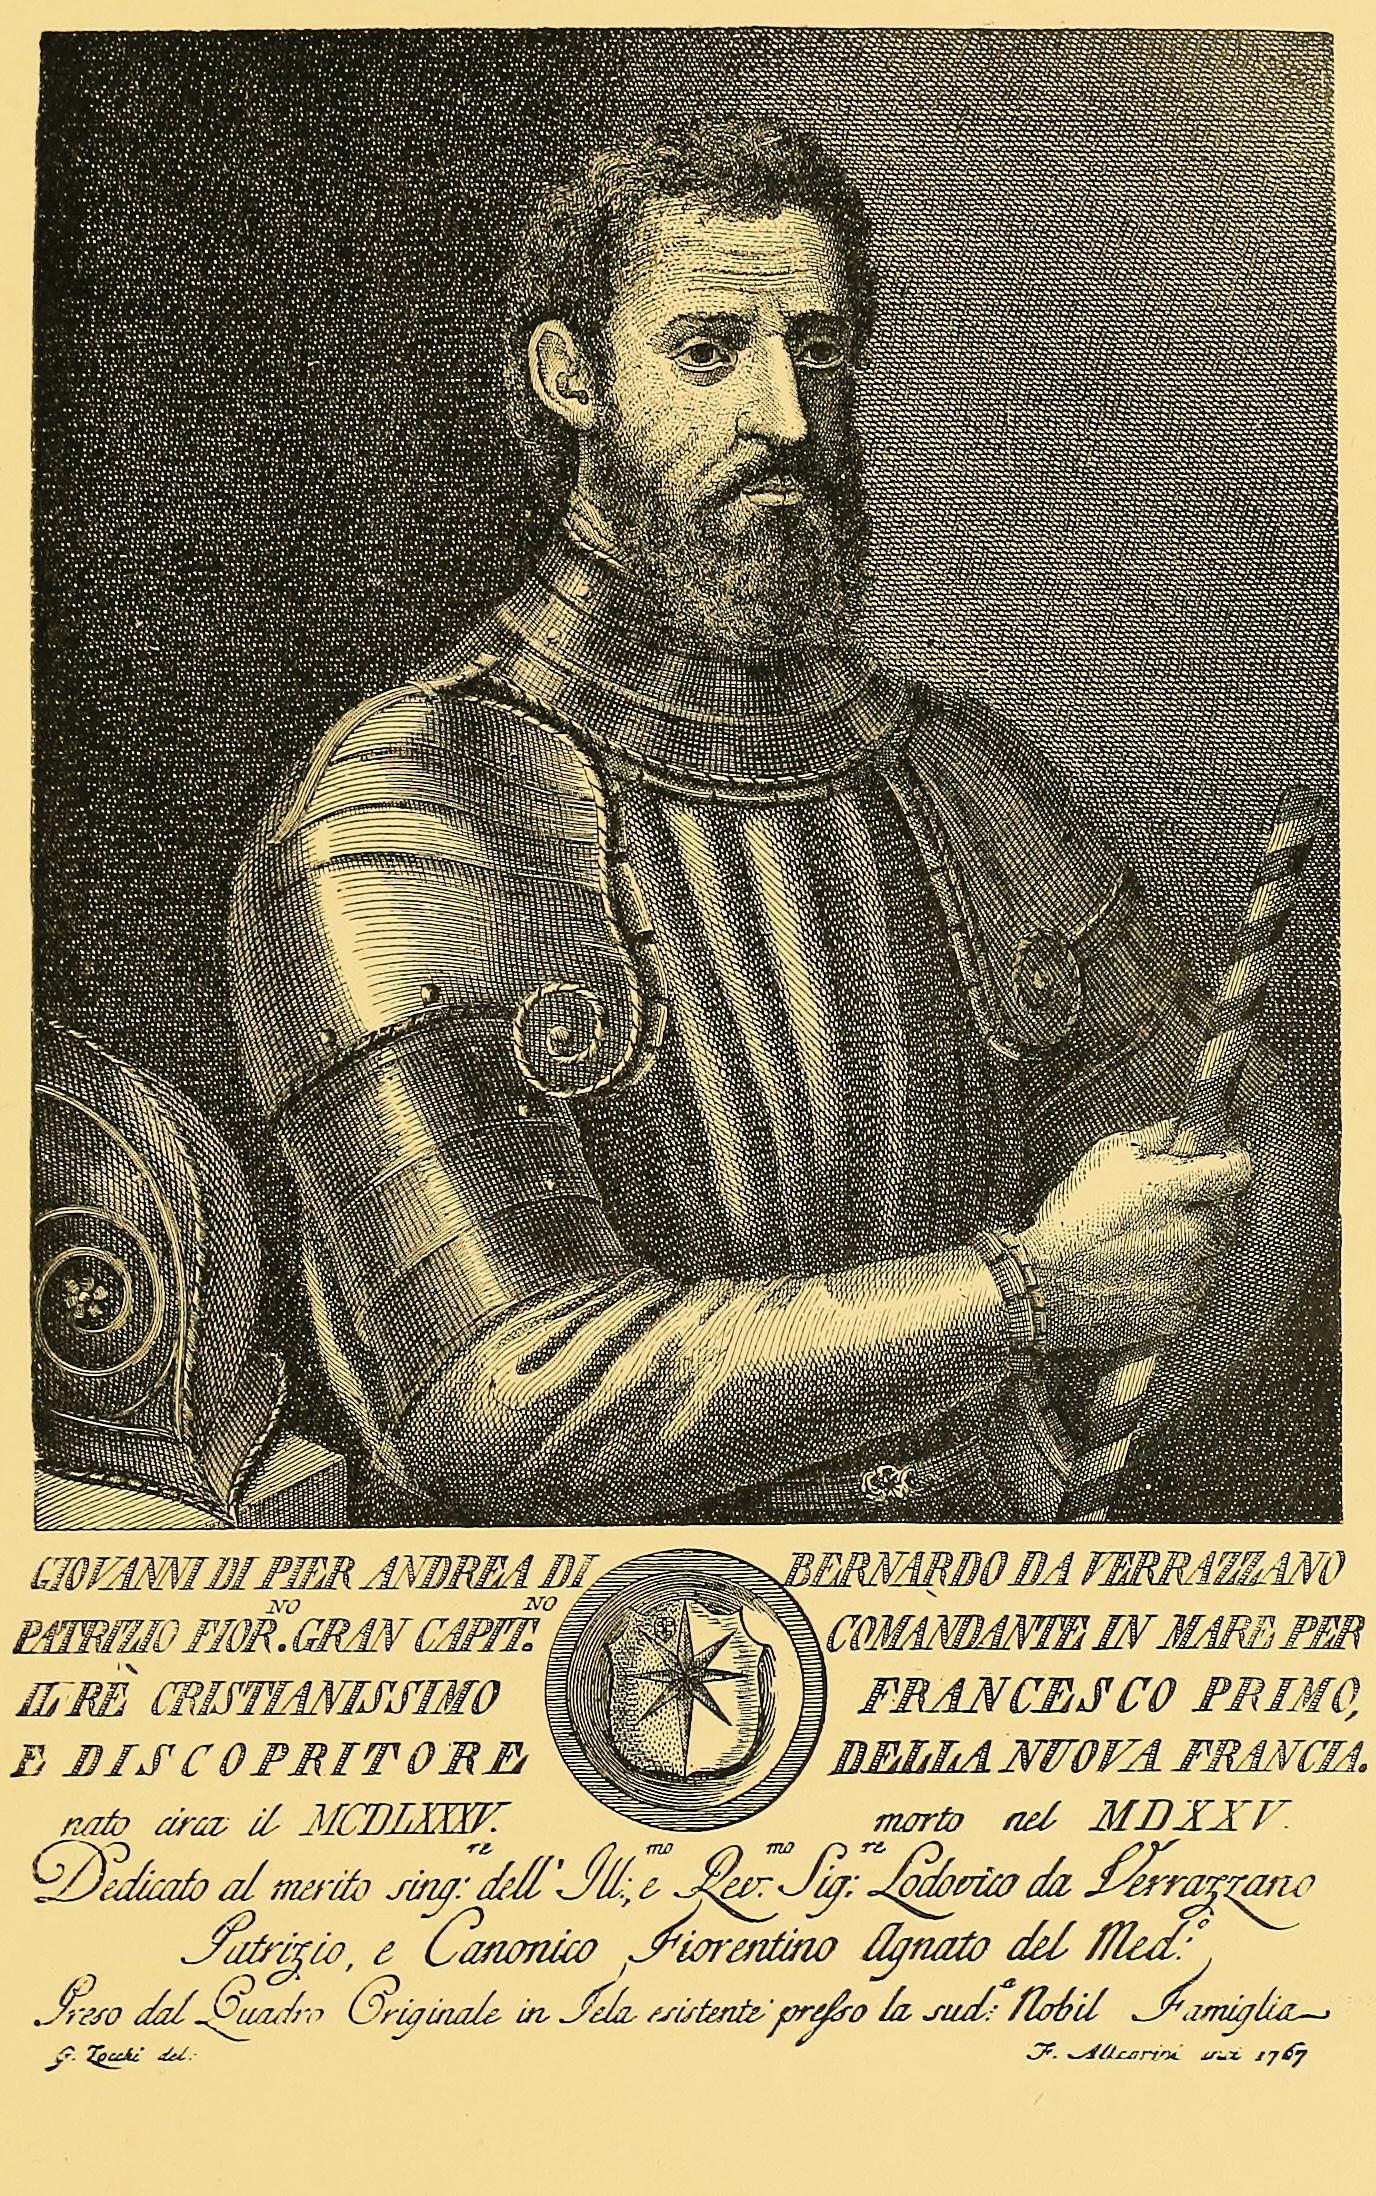 Depiction of Giovanni da Verrazzano